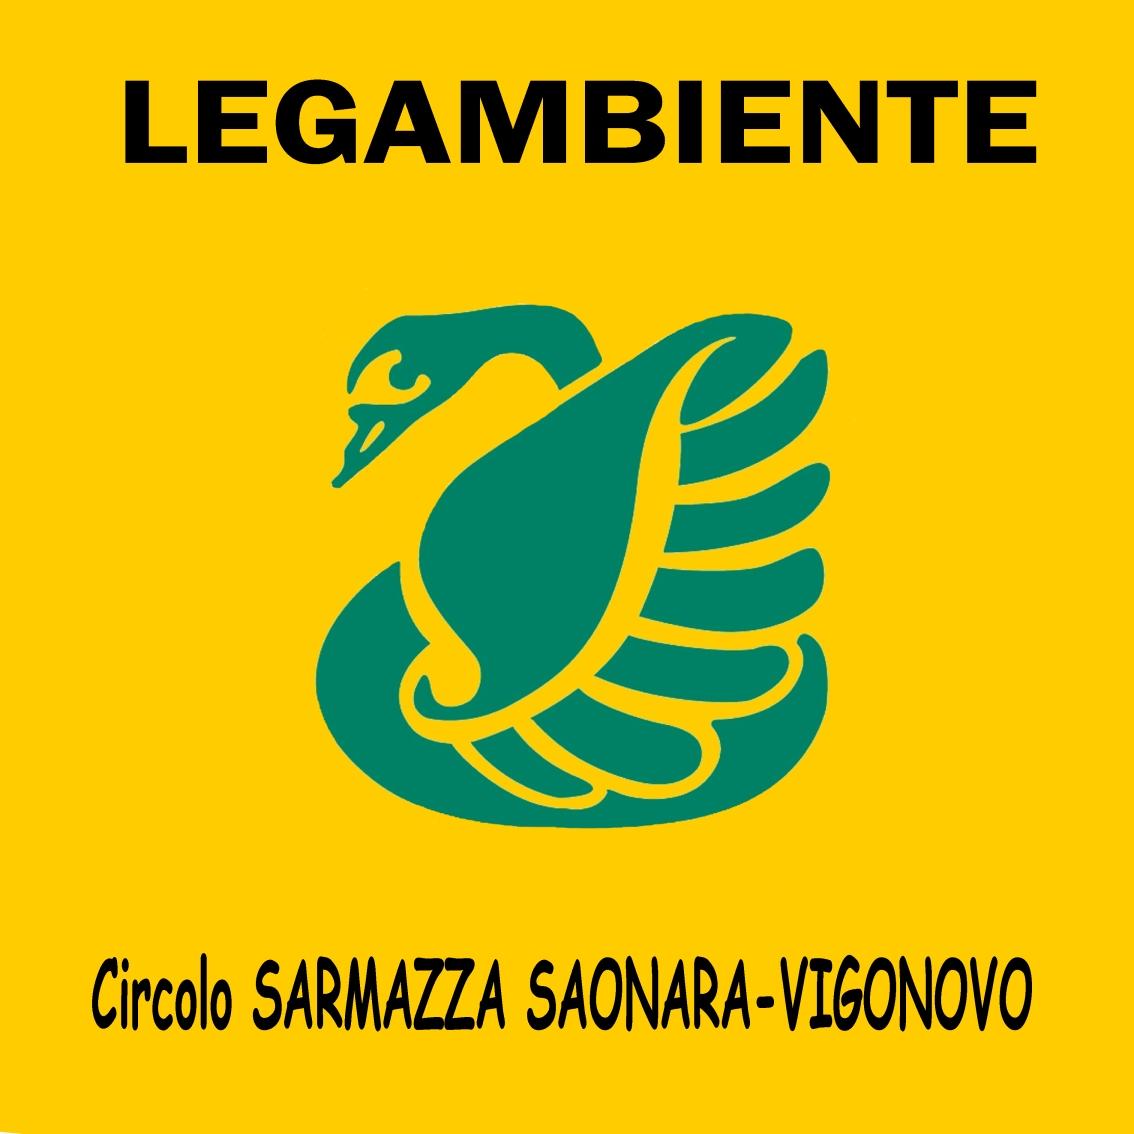 legambiente Sarmazza Saonara-Vigonovo